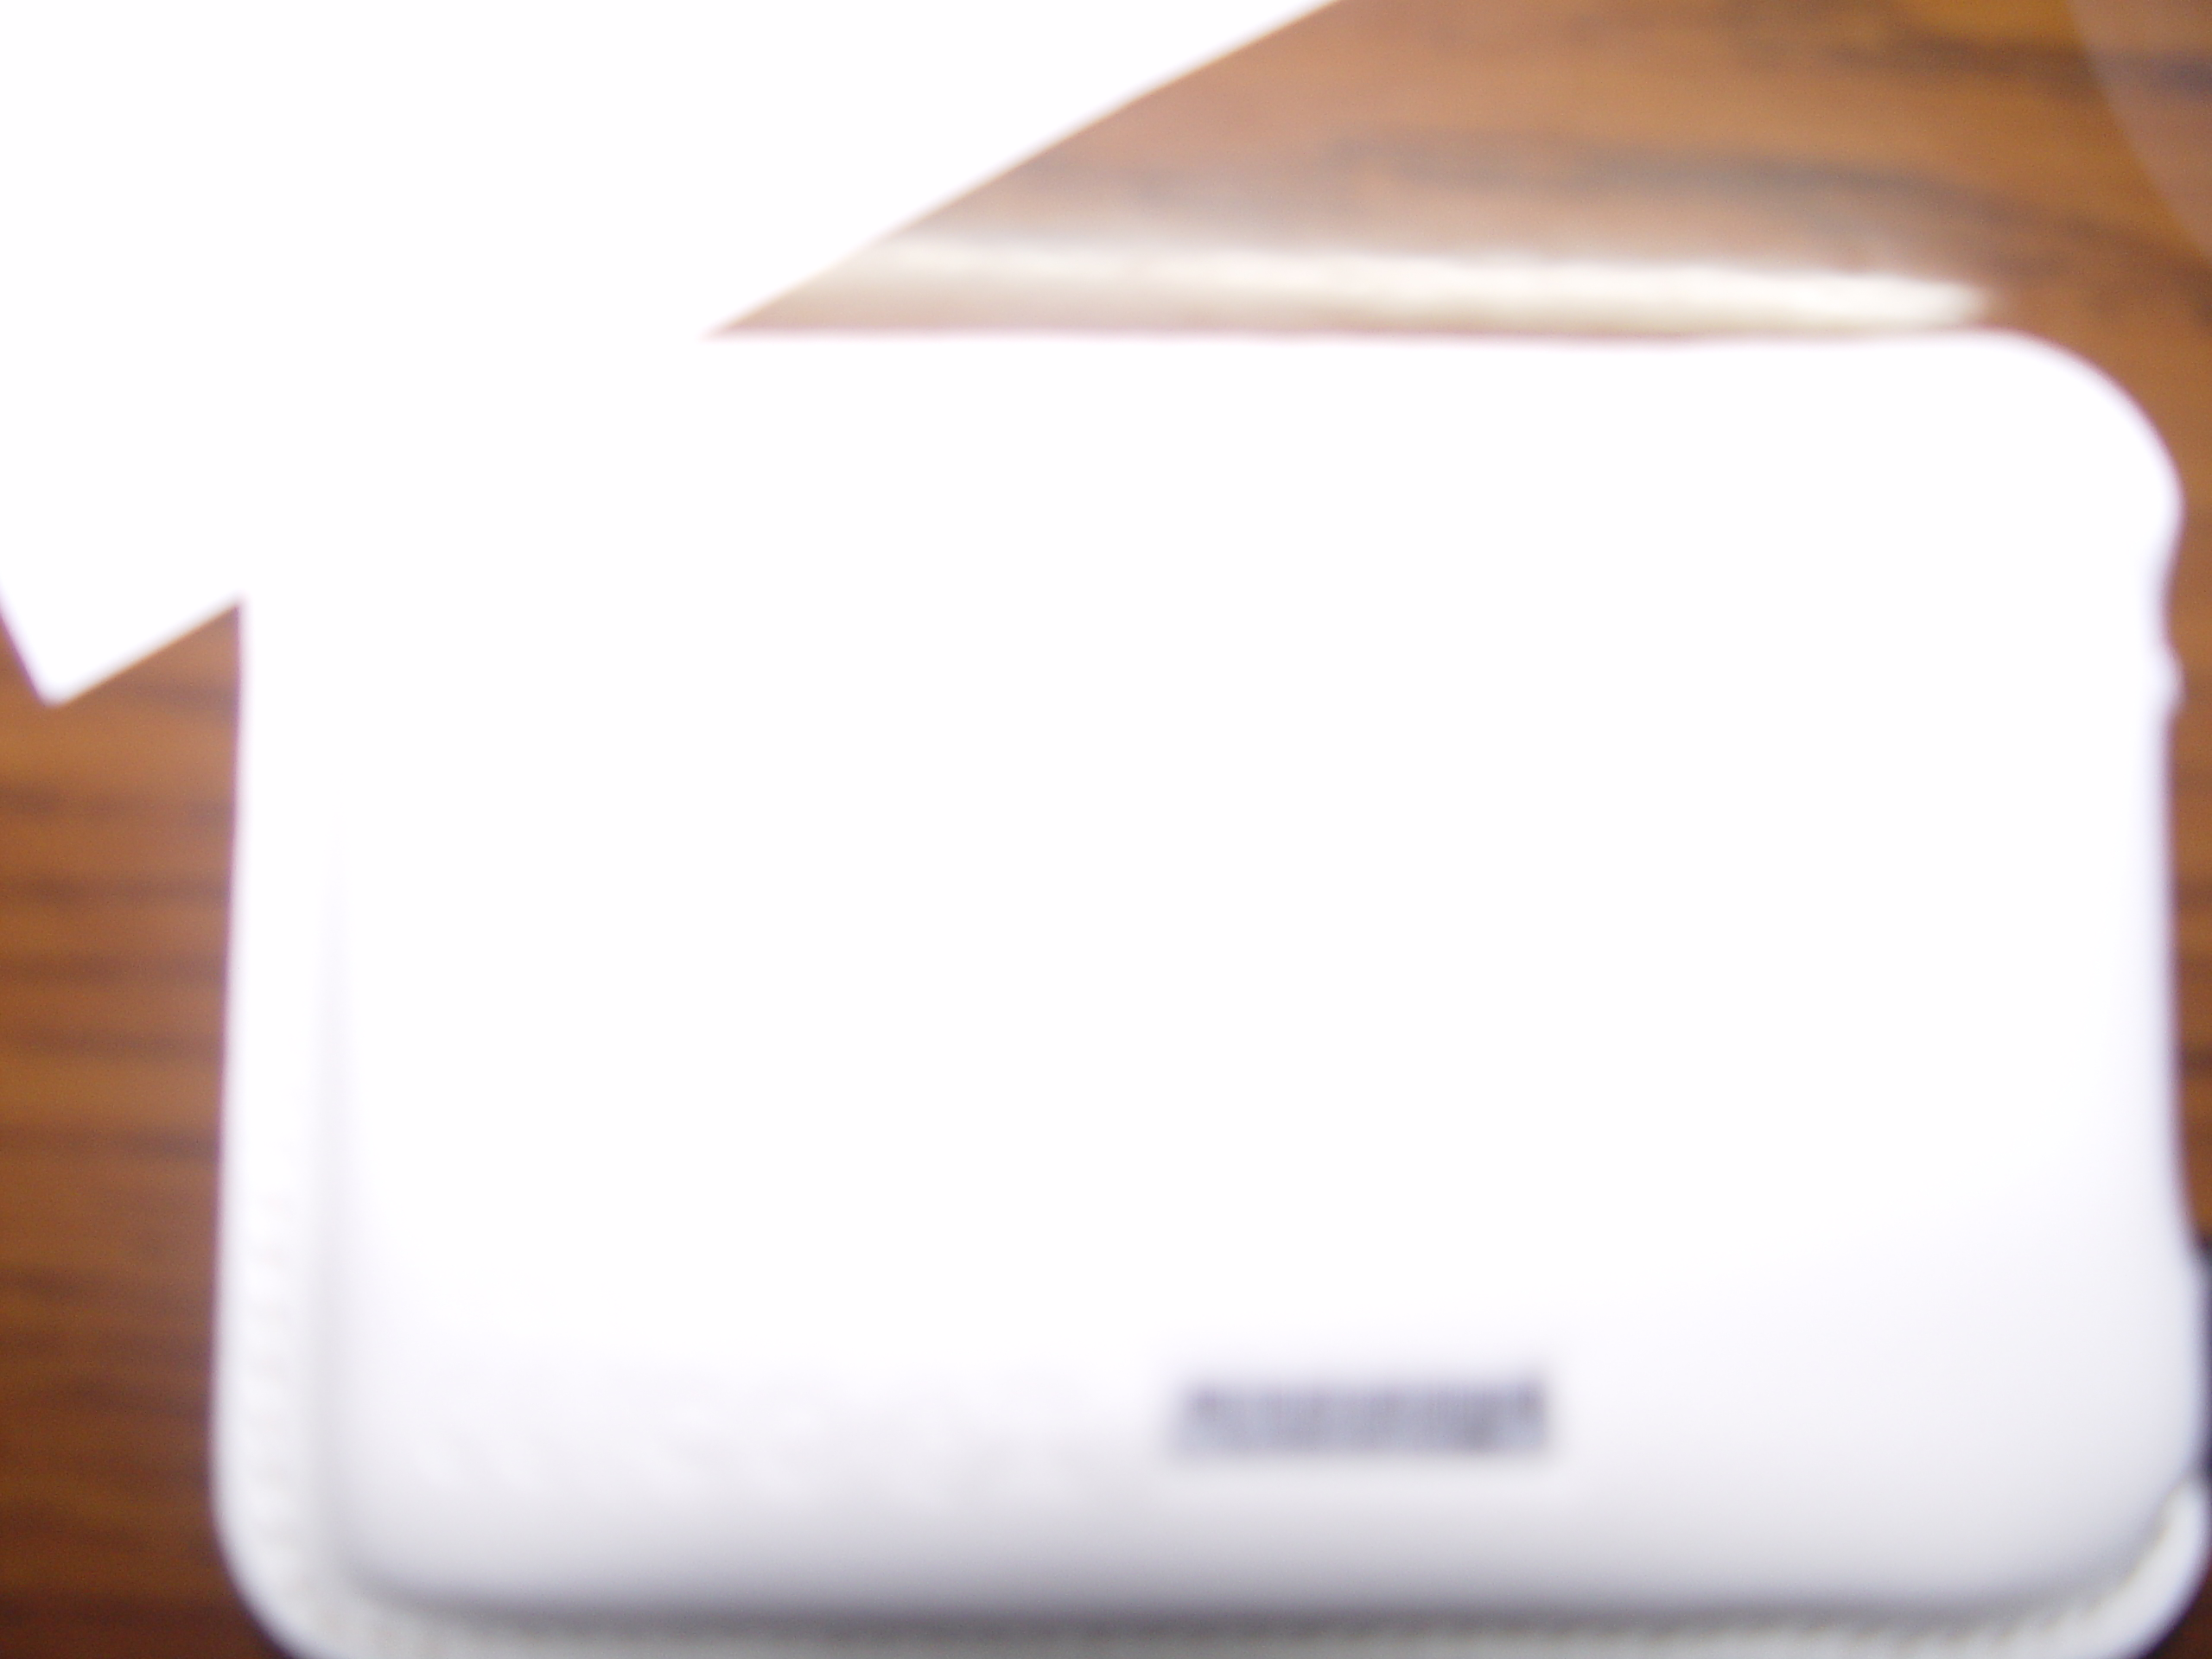 mood rings to buy online 00245704 discountonlinestore